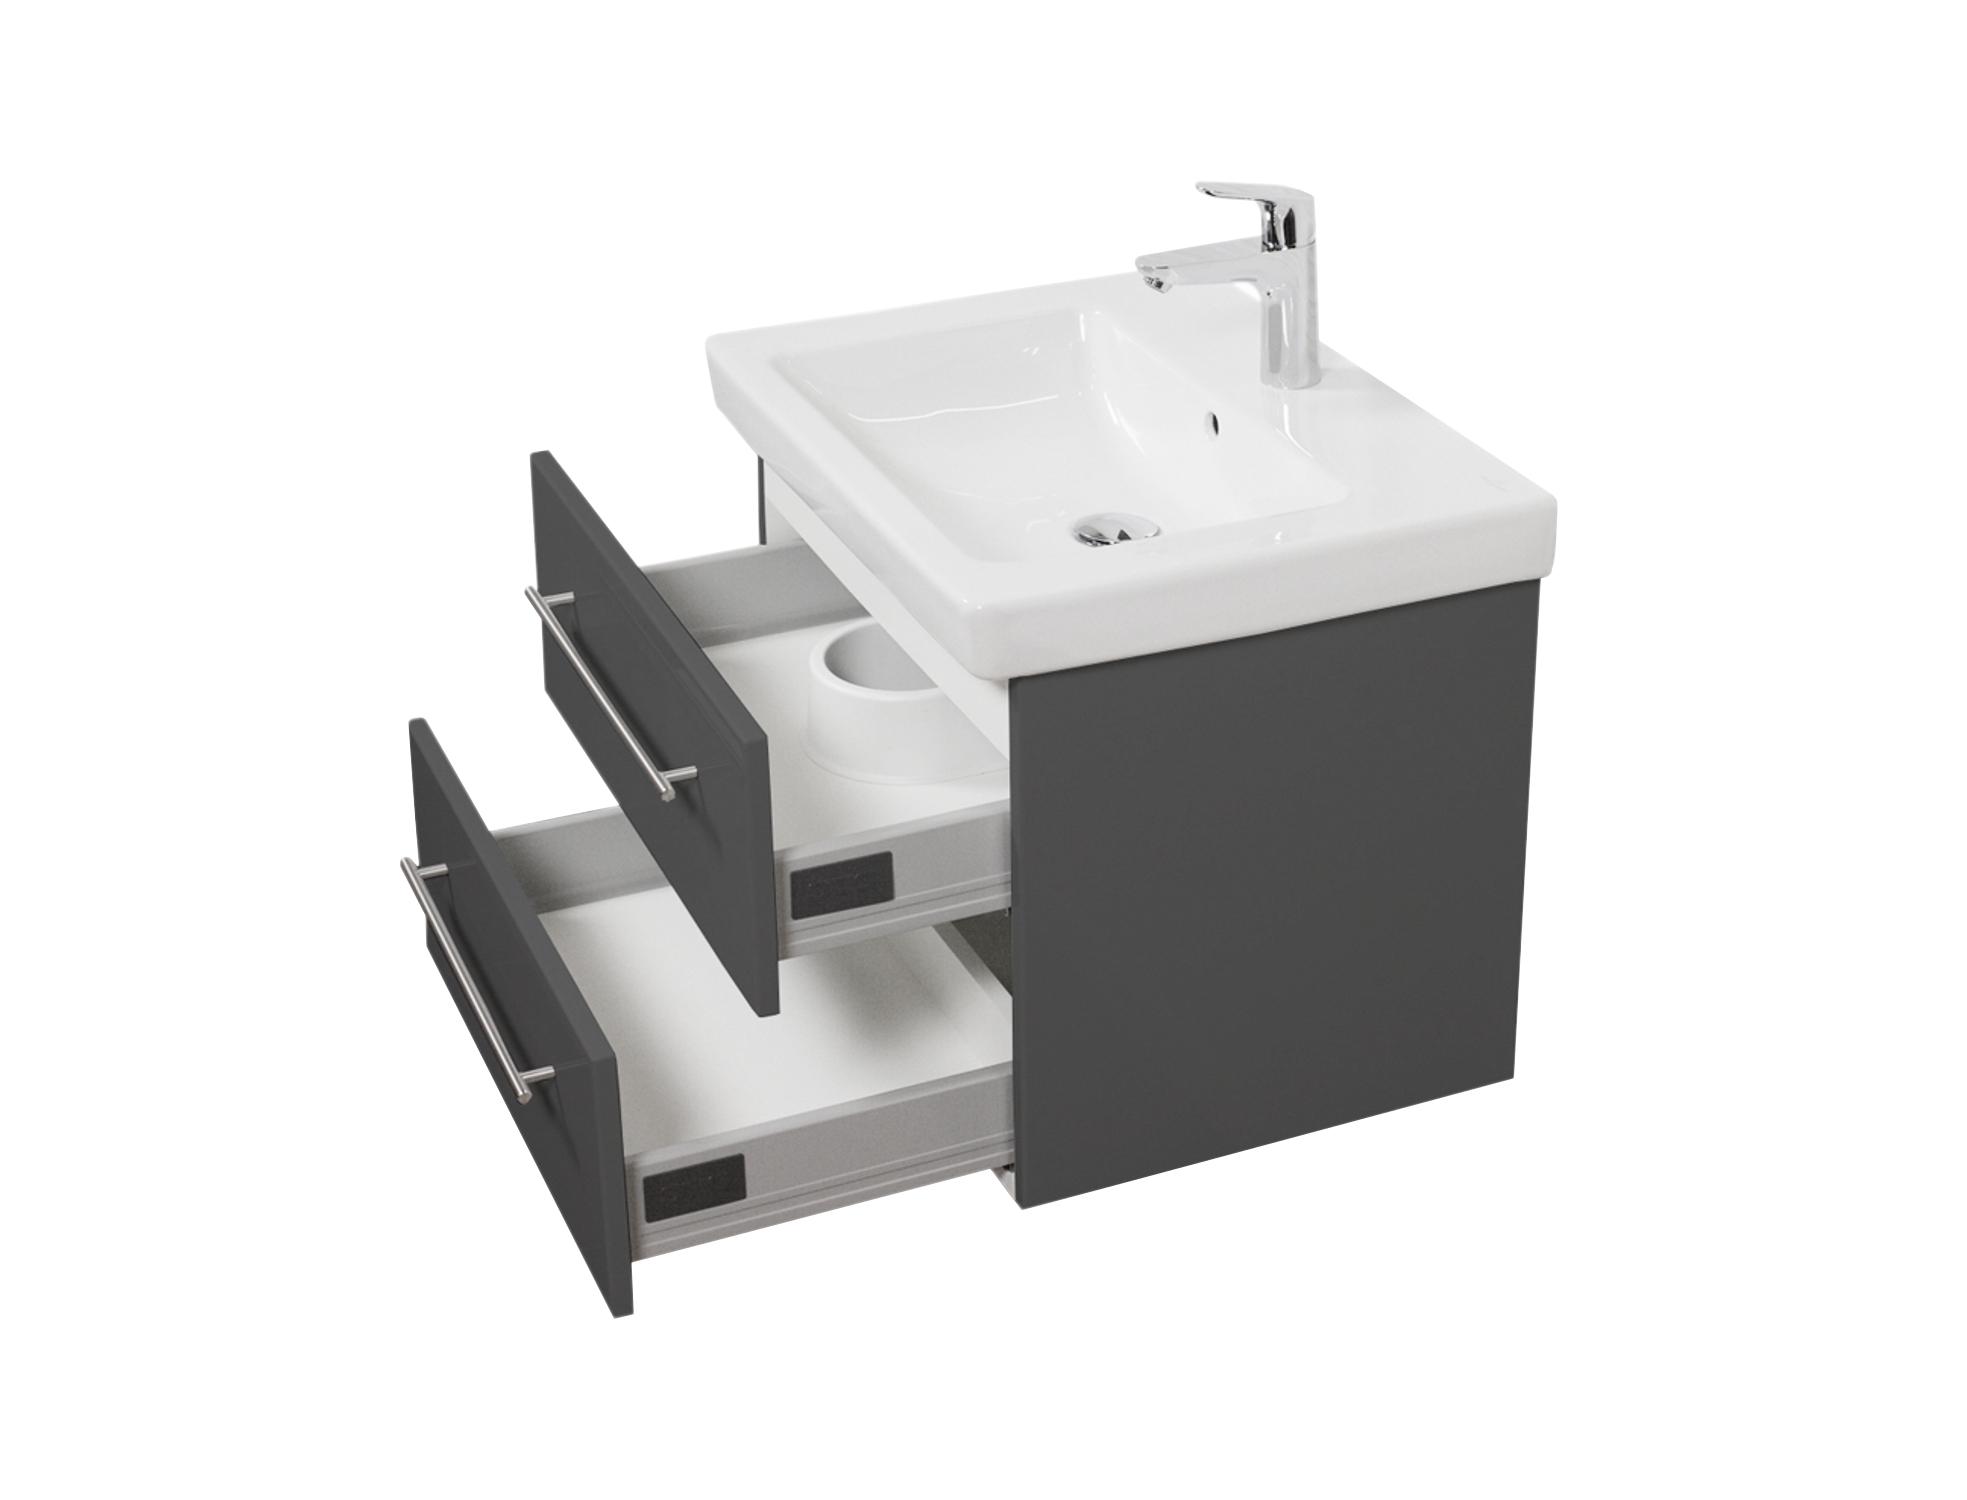 bad waschtisch mit villeroy boch becken subway 2 0 60 cm breit grau bad waschtische. Black Bedroom Furniture Sets. Home Design Ideas